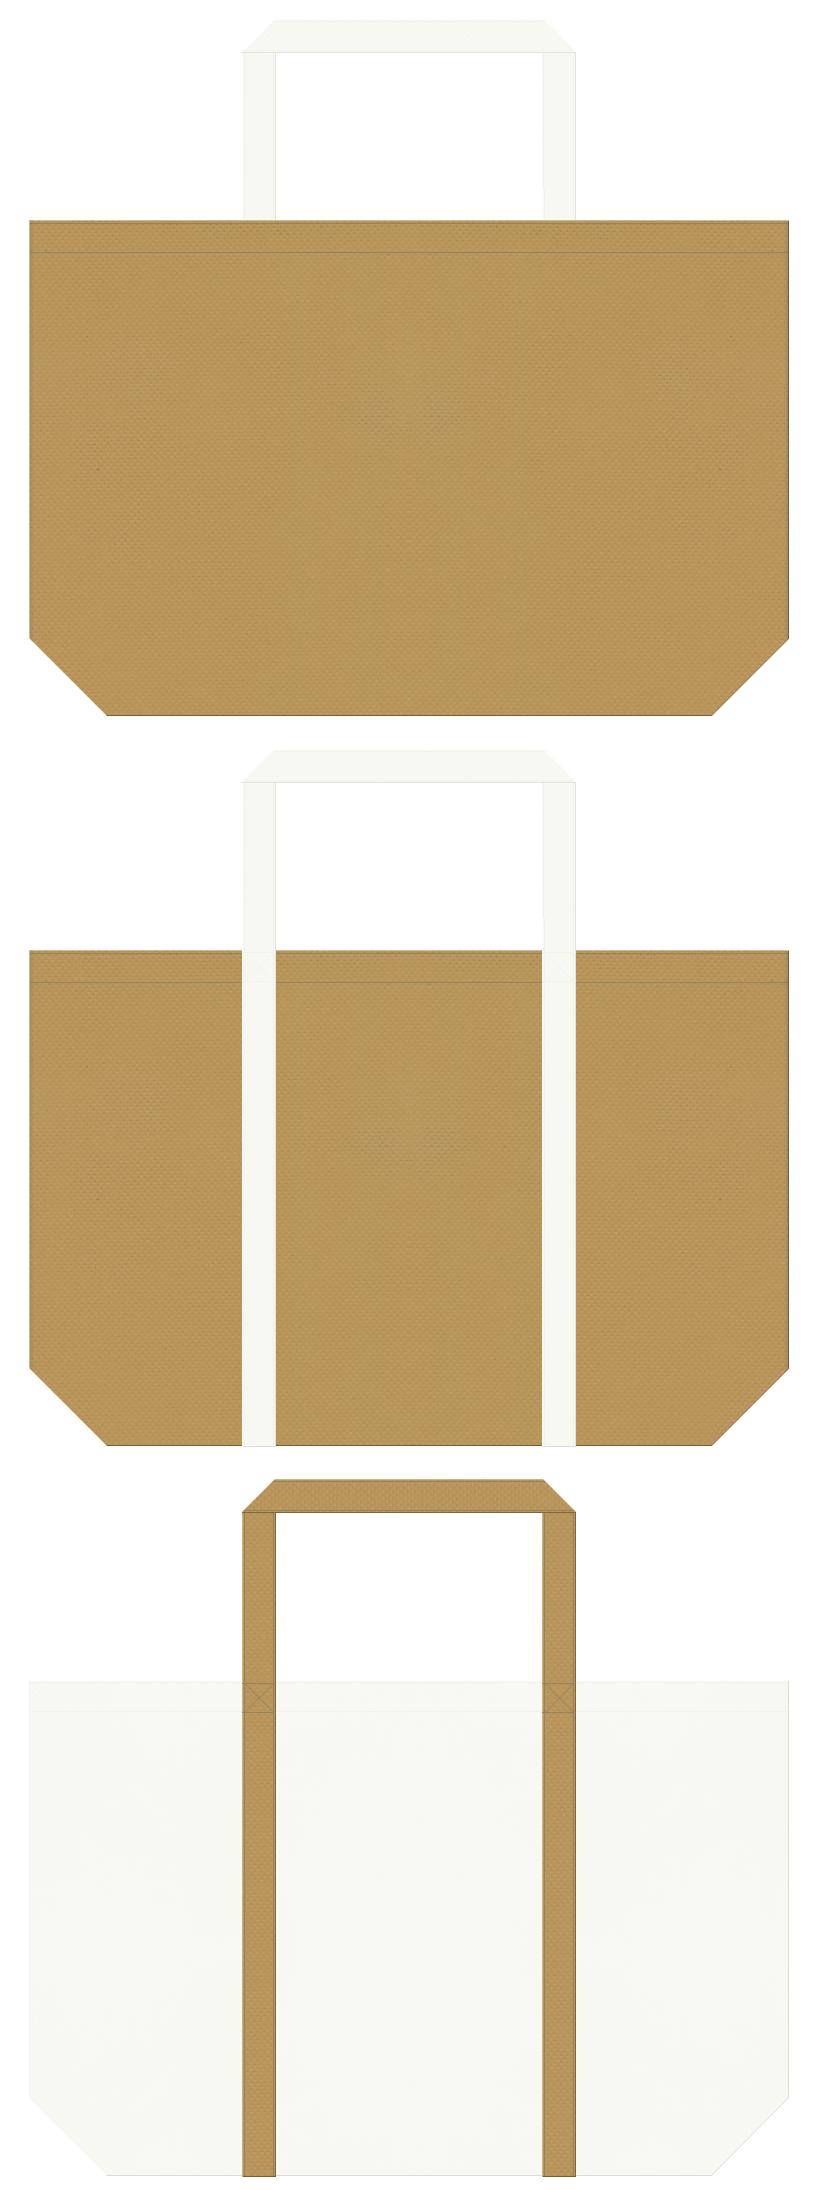 金色系黄土色とオフホワイト色の不織布ショッピングバッグデザイン。ベーカリーショップのショッピングバッグにお奨めです。